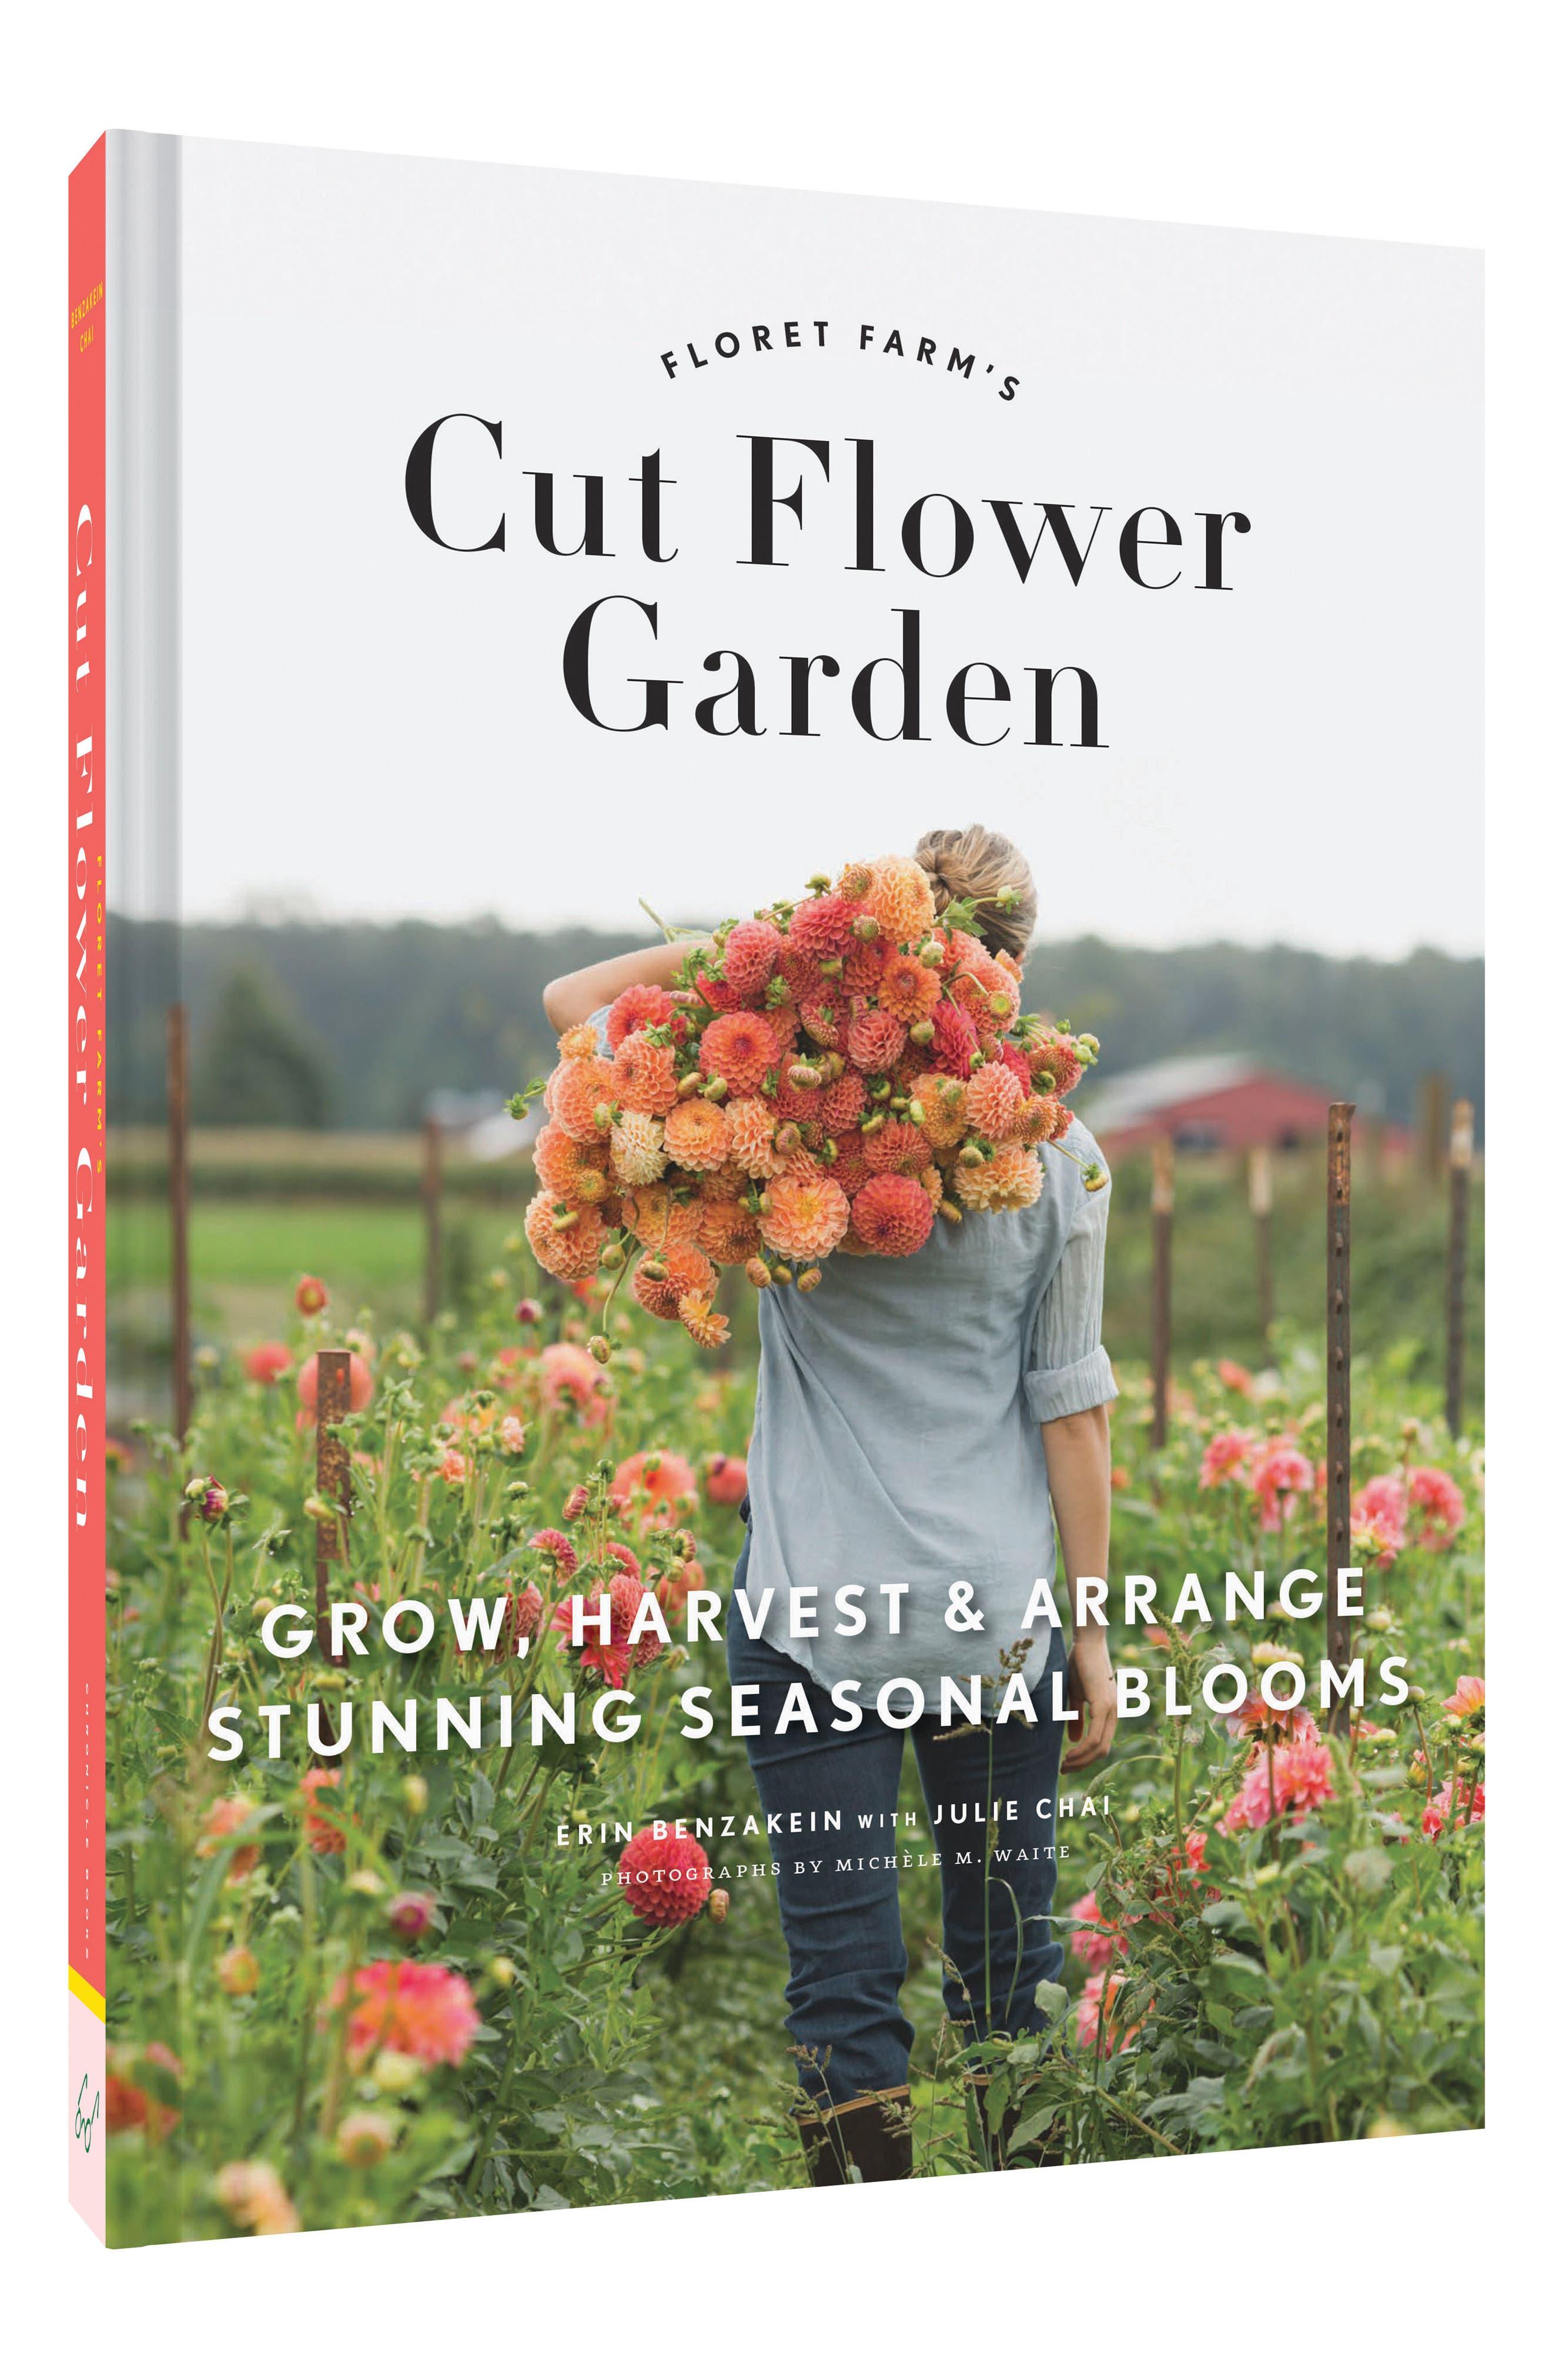 Floret Farm's Cut Flower Garden Book